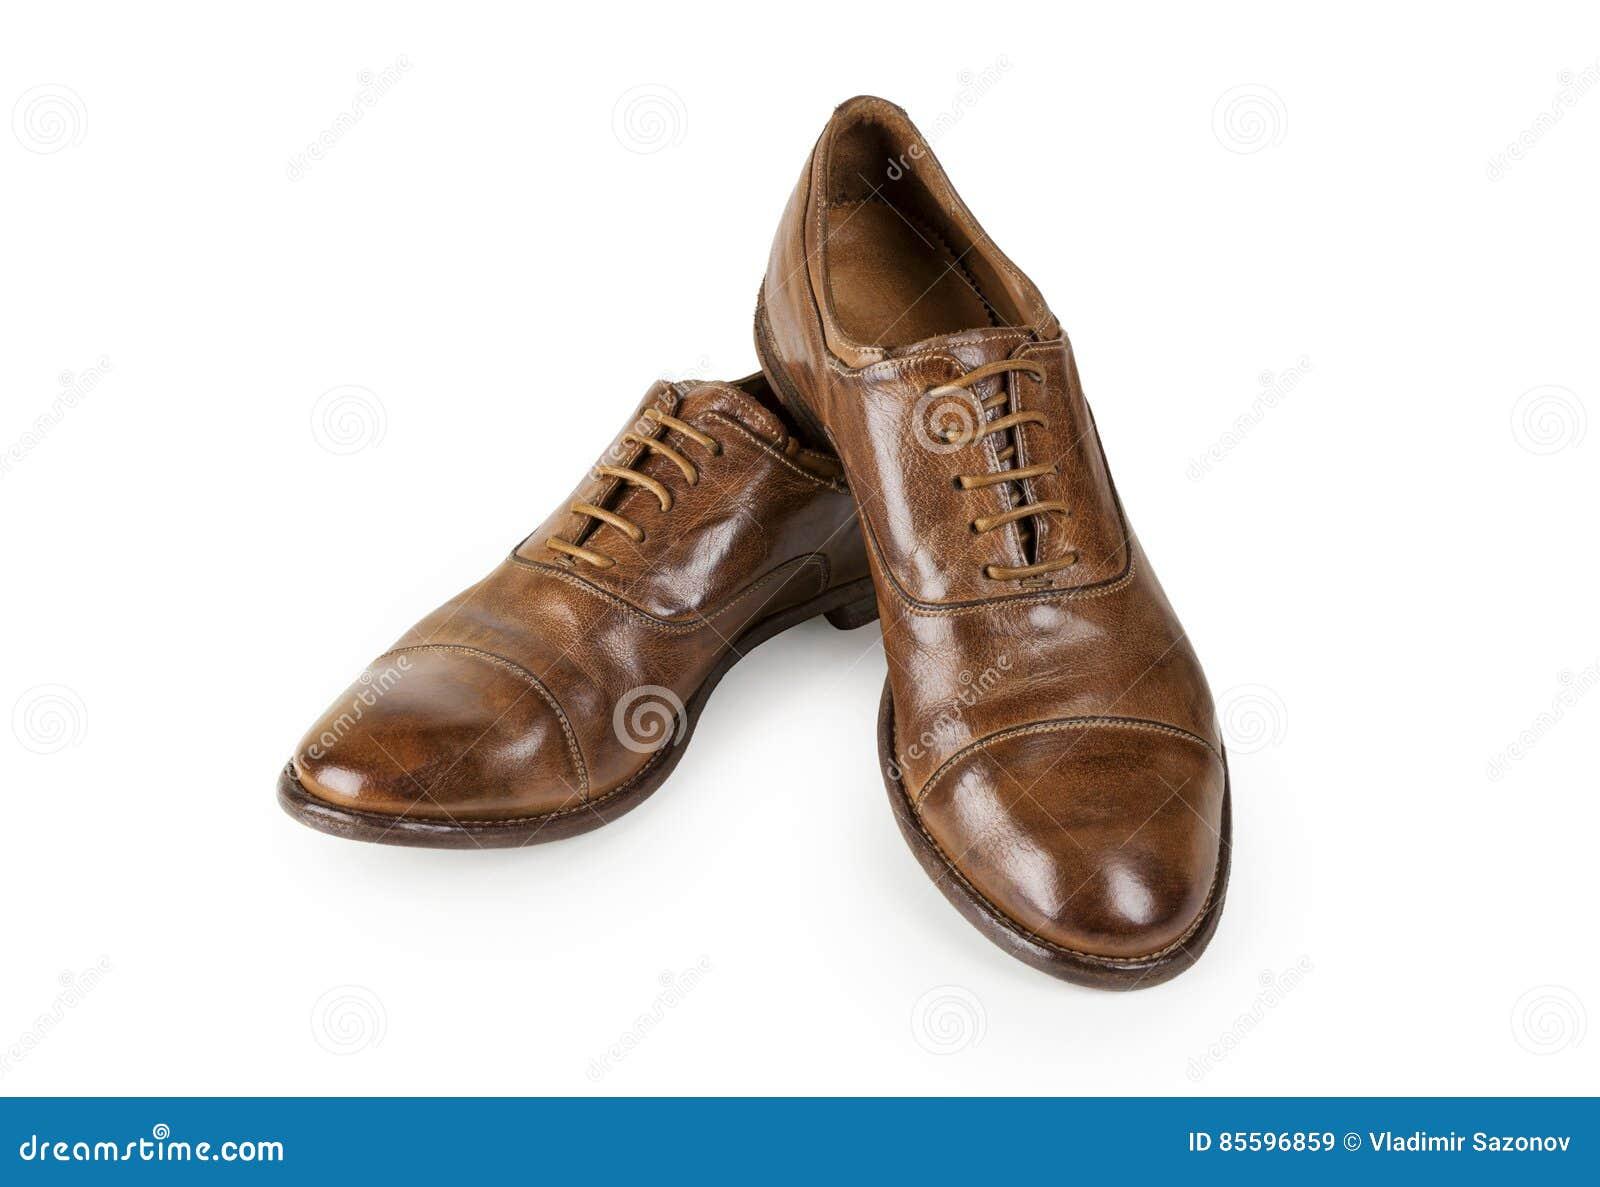 5c1611013bf Paar bruine die schoenen van leermensen op wit wordt geïsoleerd Mensen Bruine  Schoenen Modieuze bruine leerschoenen Schoenen van het mensen` s de  klassieke ...